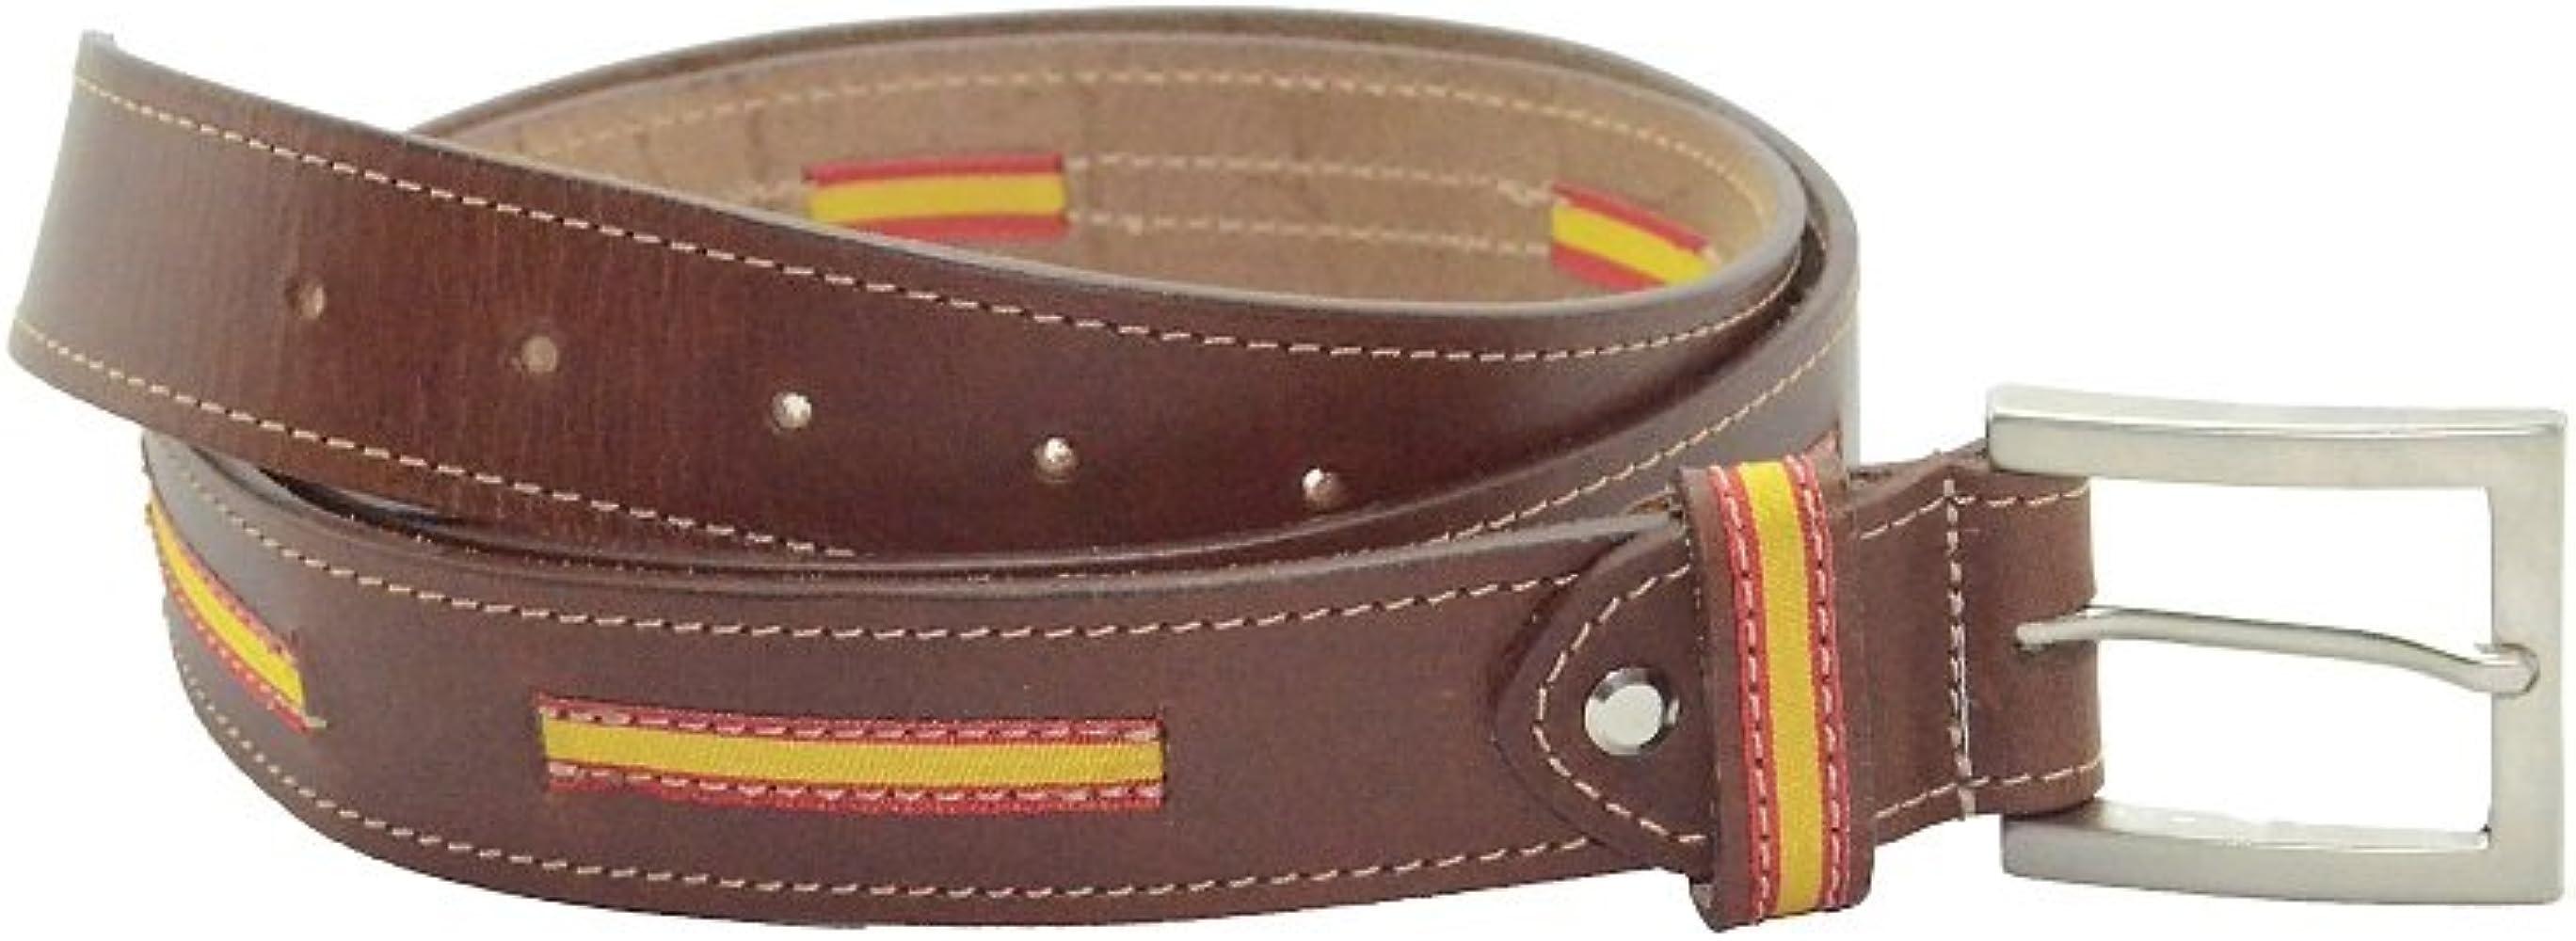 Bonake Cinturón de caballero en piel de cuello de ternera color ...